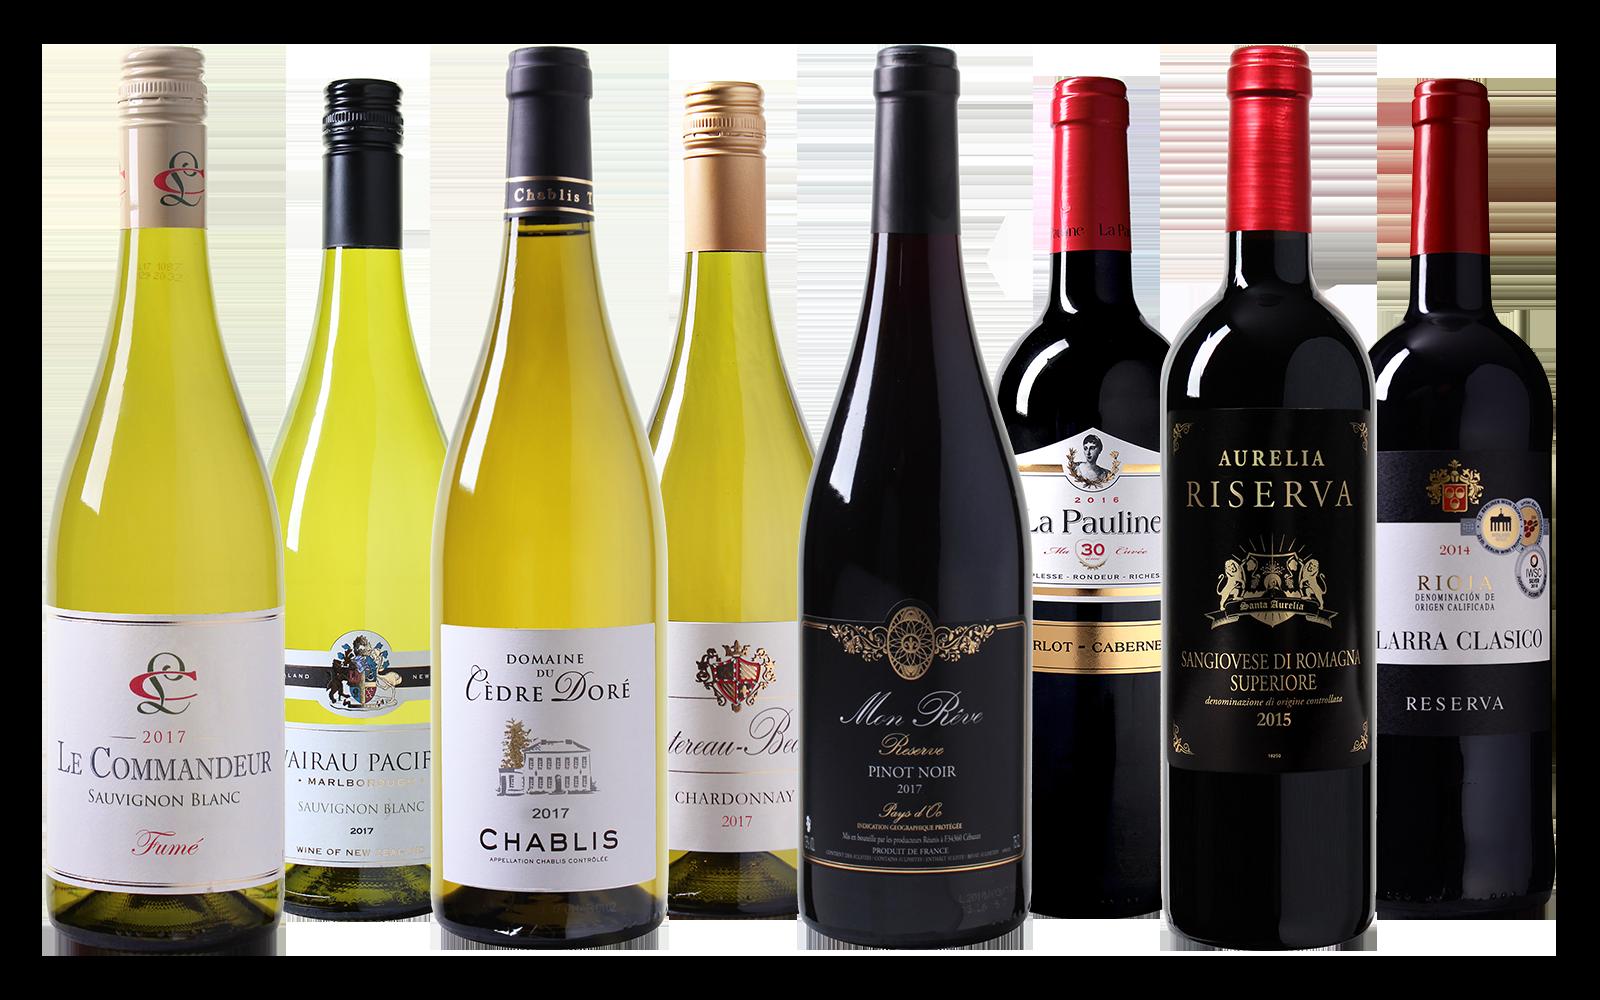 Thuisproeverij Wijnpakket wijnbeurs.nl